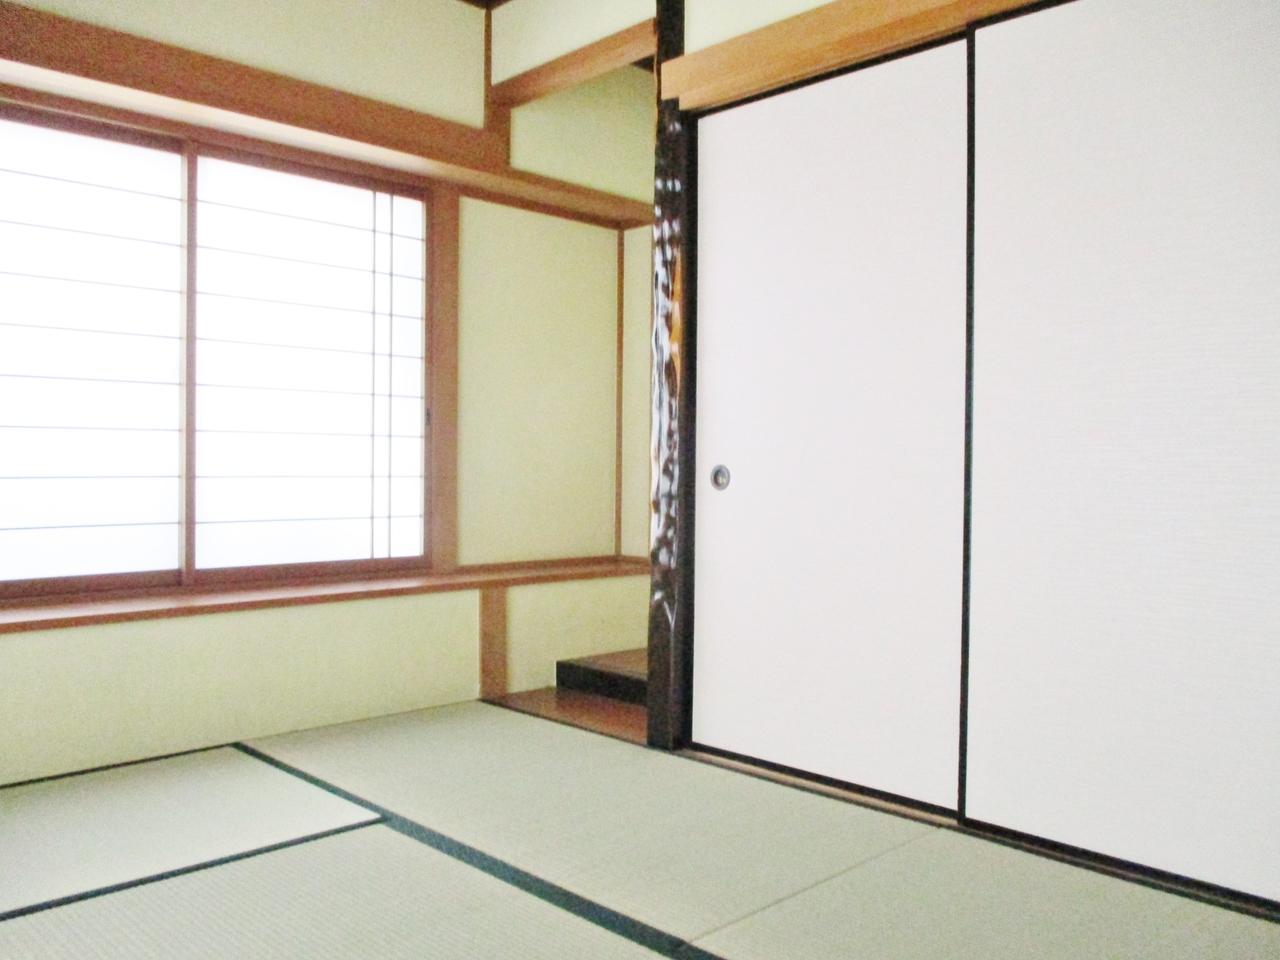 リビングにつながる和室は万能スペースとしてお使いいただけます